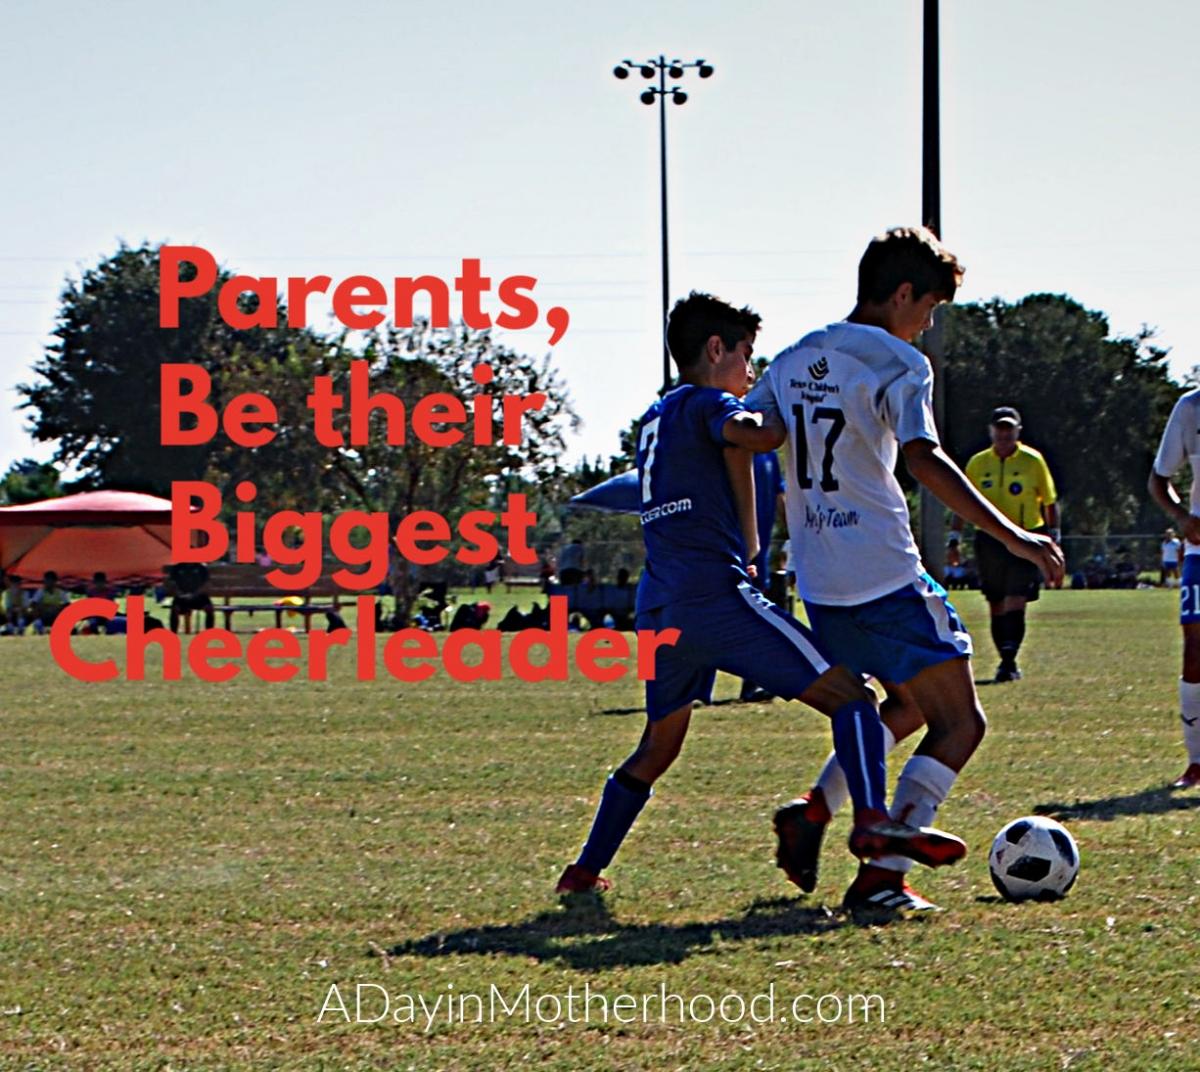 Kids that have cheerleader parents have higher self esteem